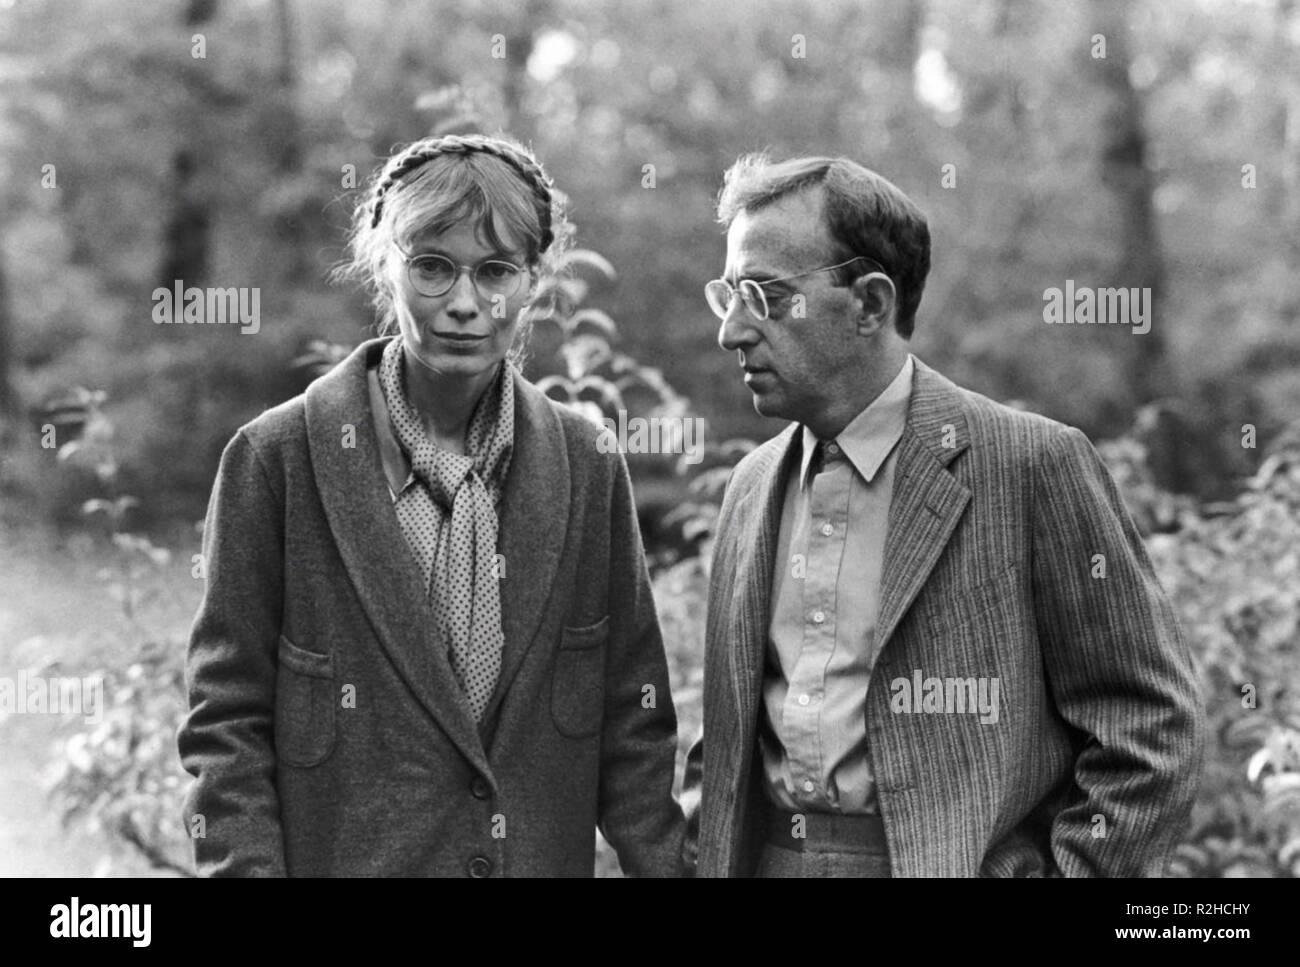 Zelig Year : 1983 USA Director : Woody Allen Mia Farrow, Woody Allen - Stock Image